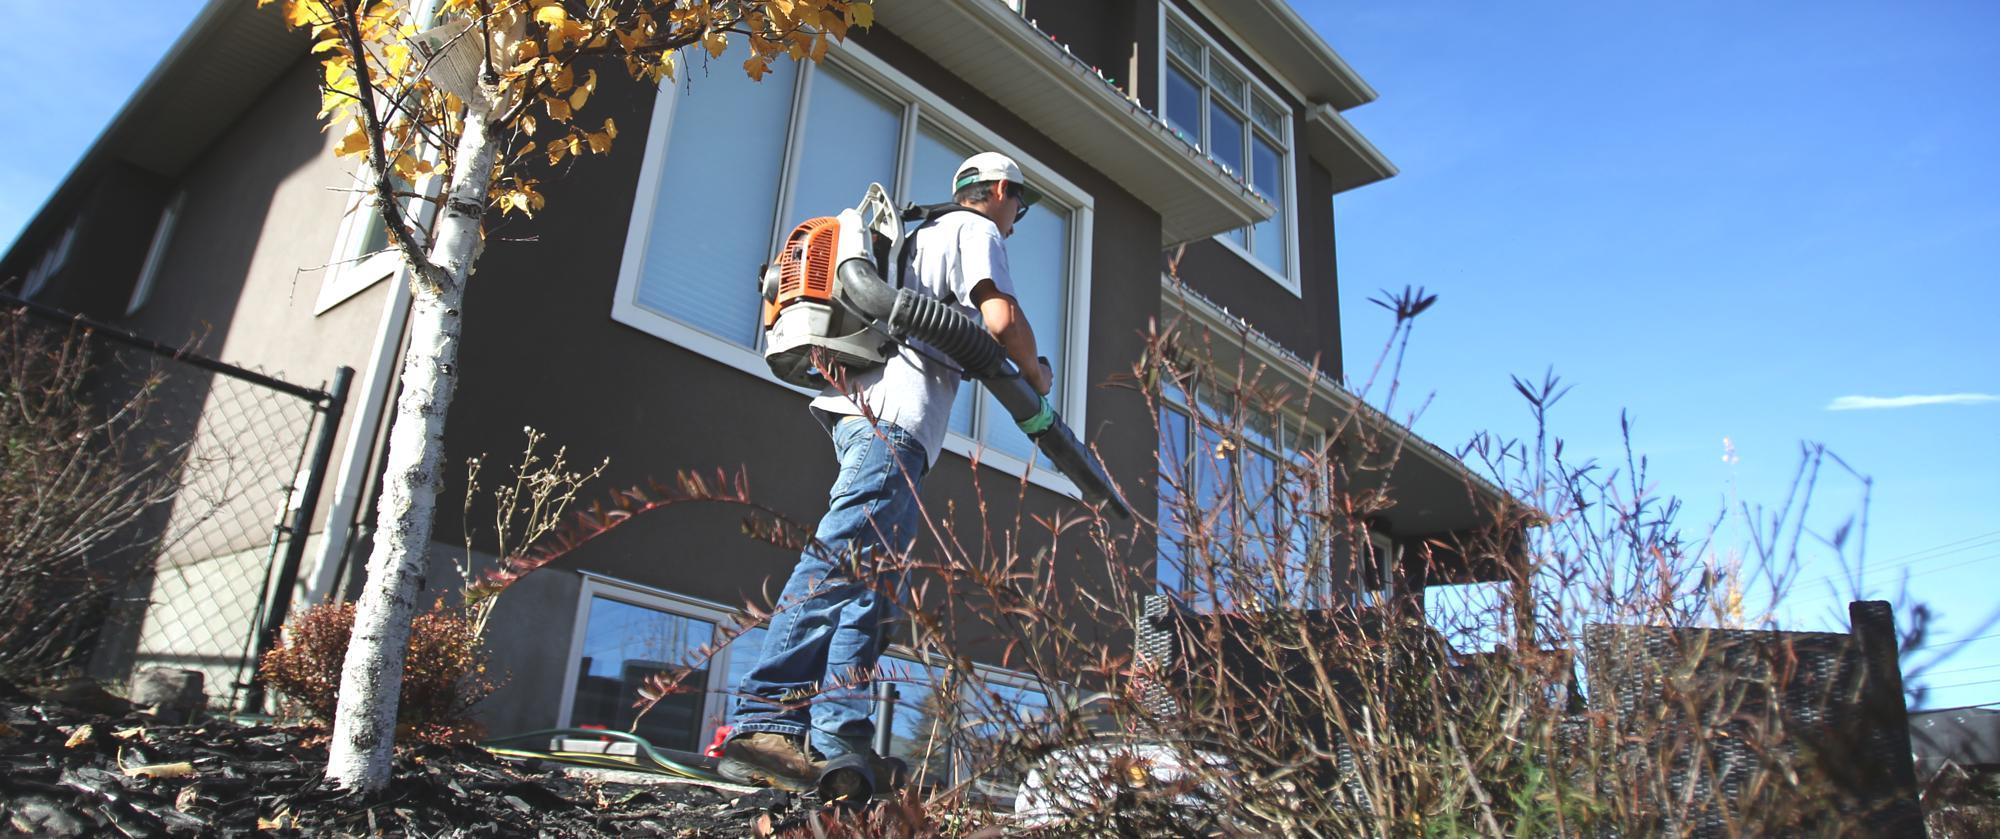 Yard Clean Up Leaf Debris